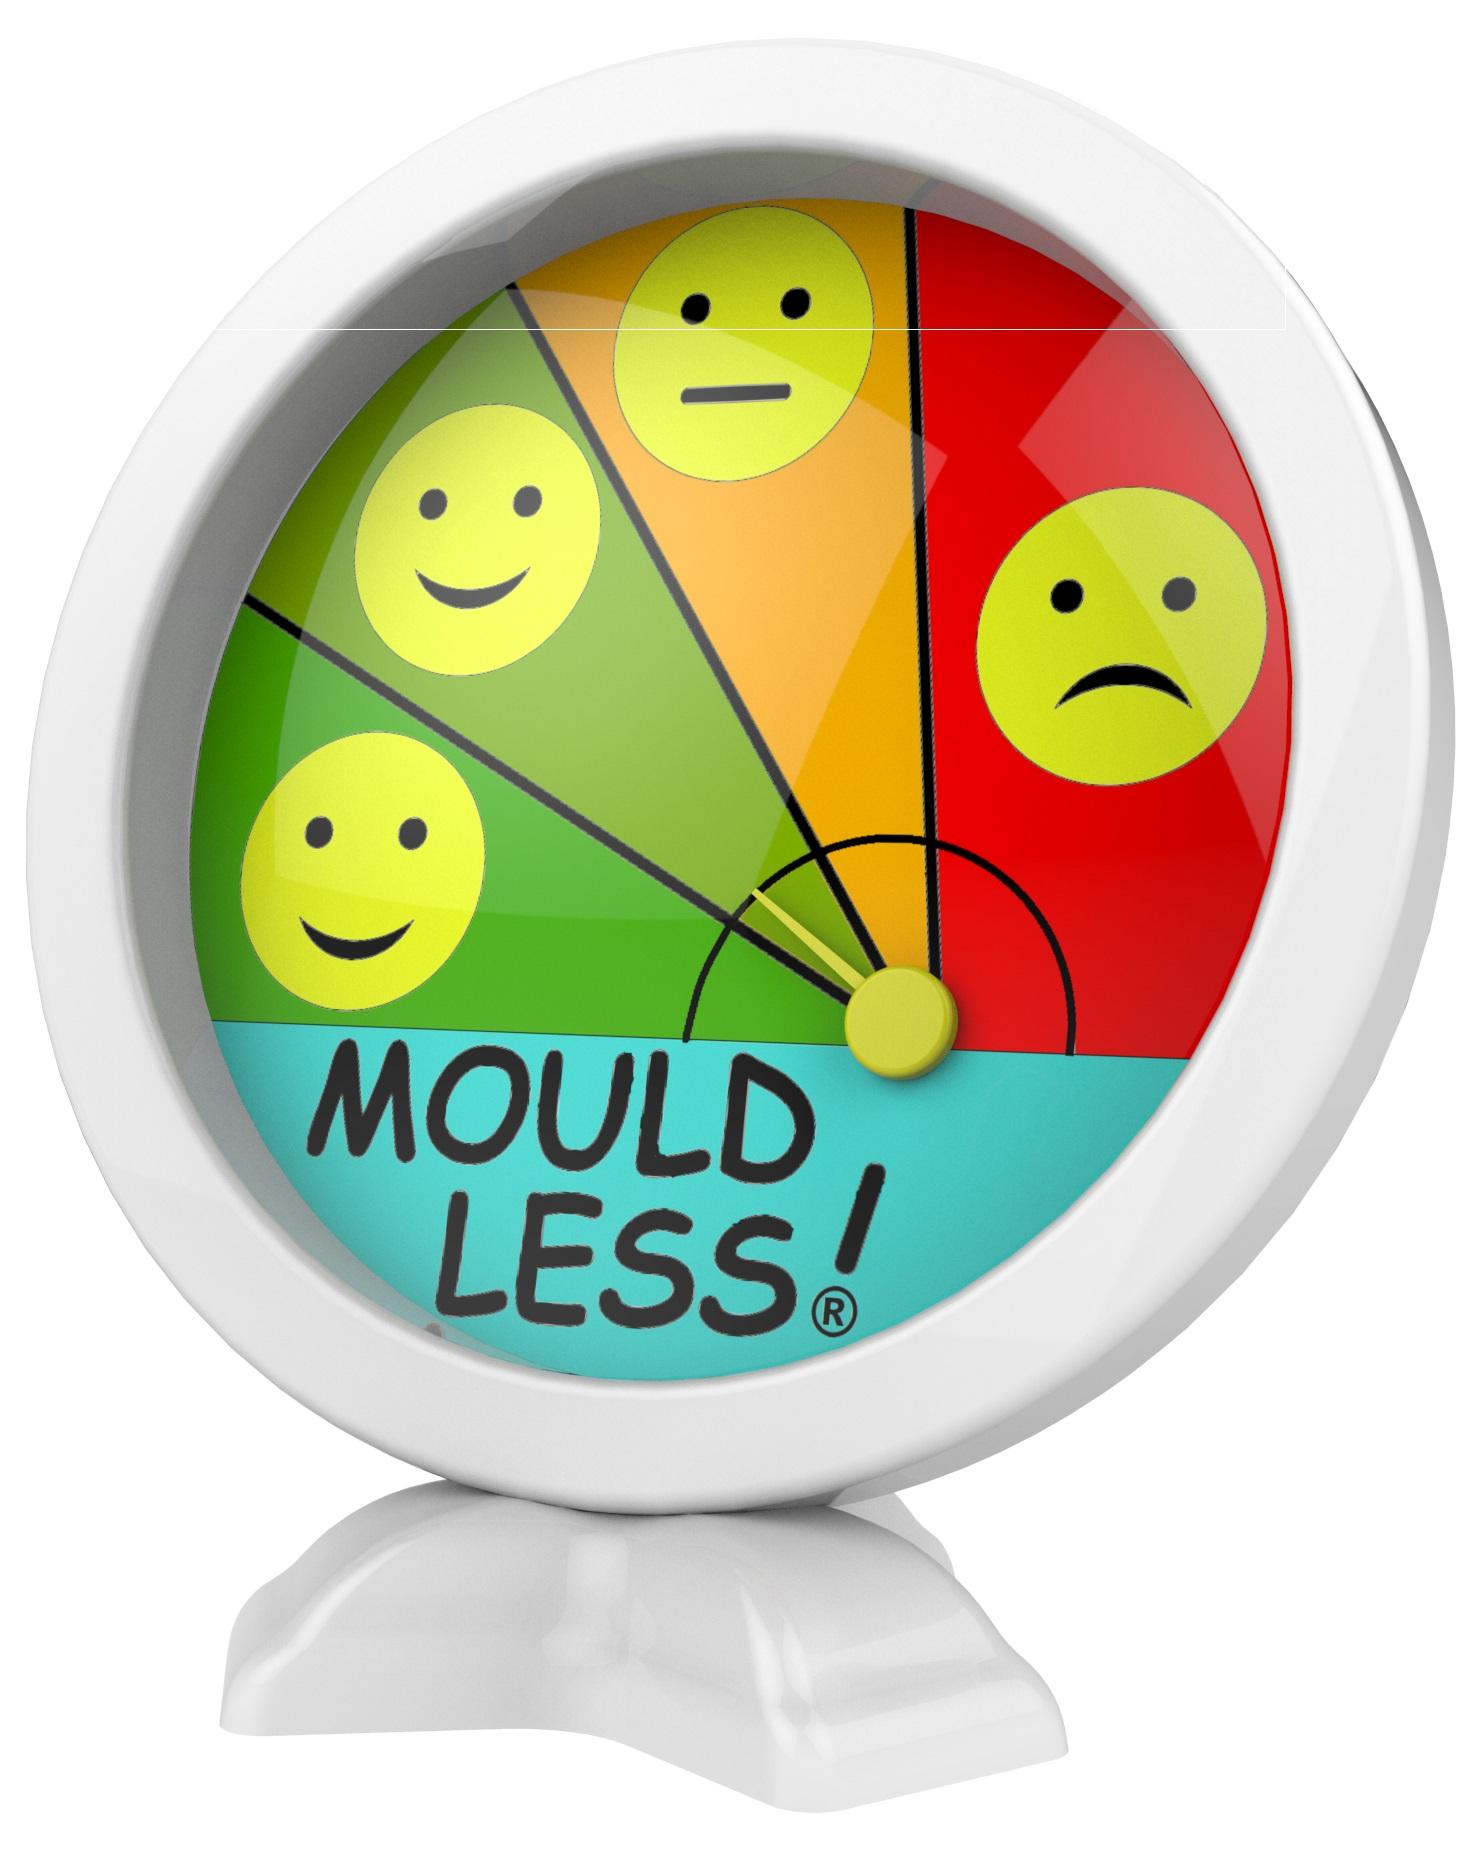 Mould Less